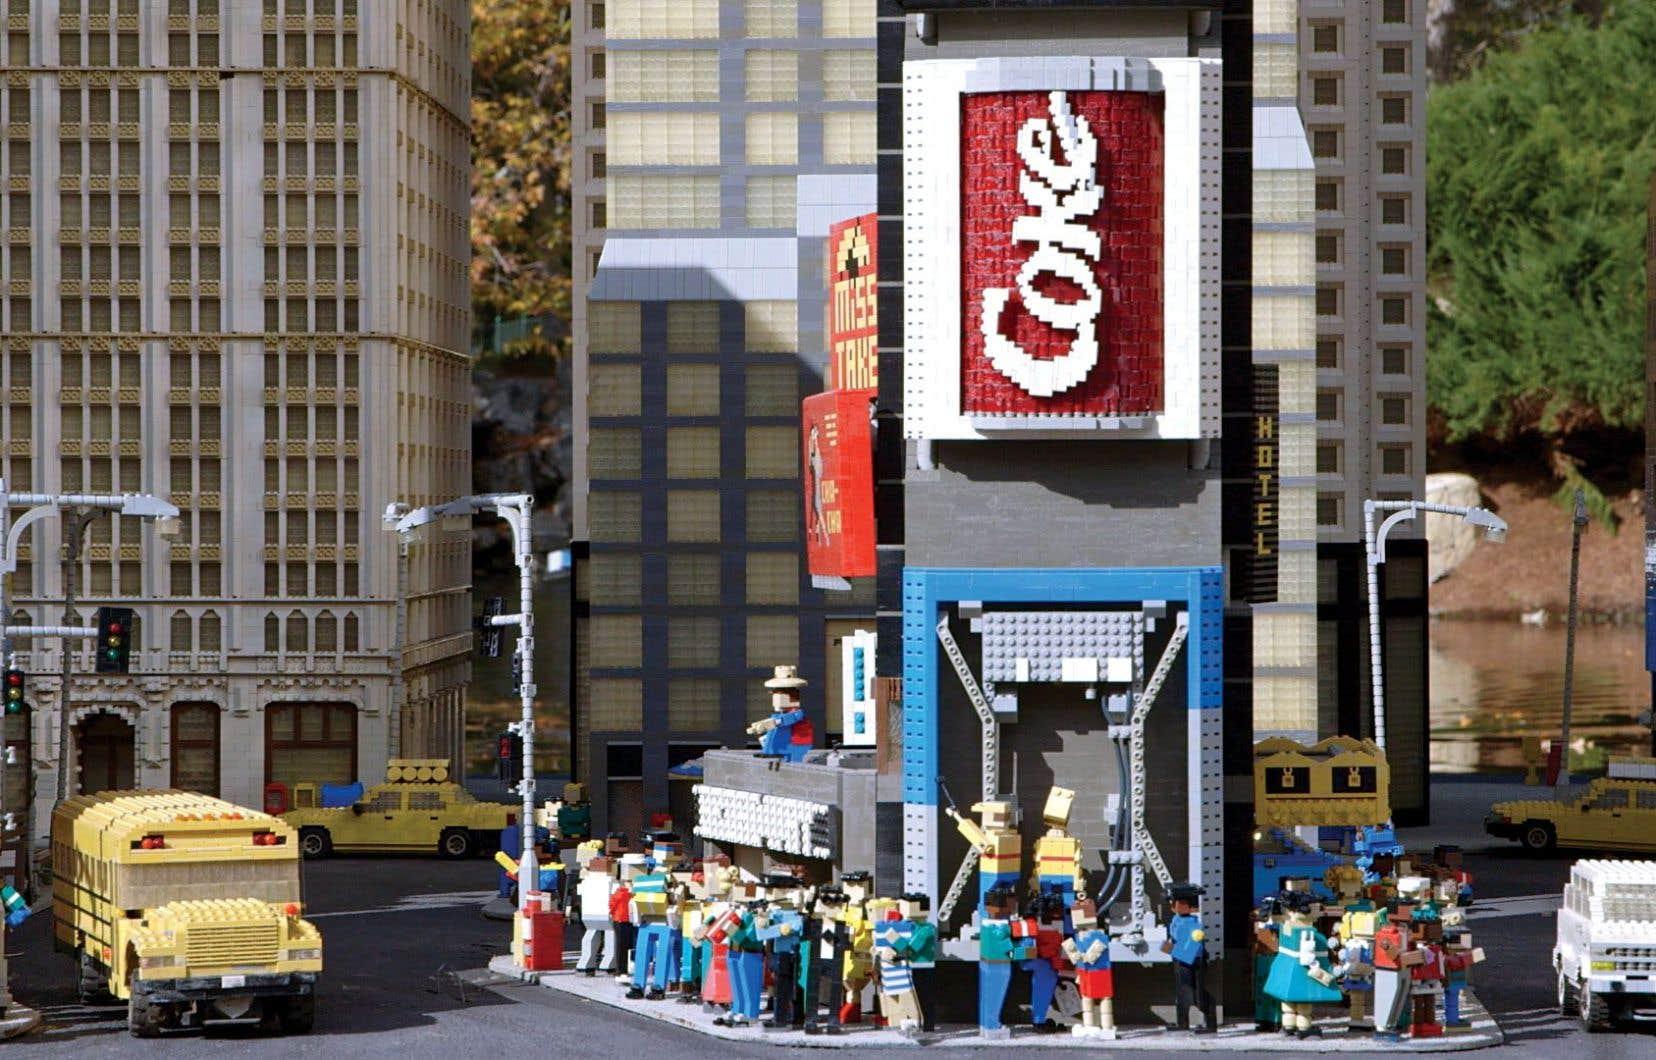 Le chiffre d'affaires de Lego atteint les 4milliards de dollars et on compte, sur la planète, une centaine de blocs par être humain.